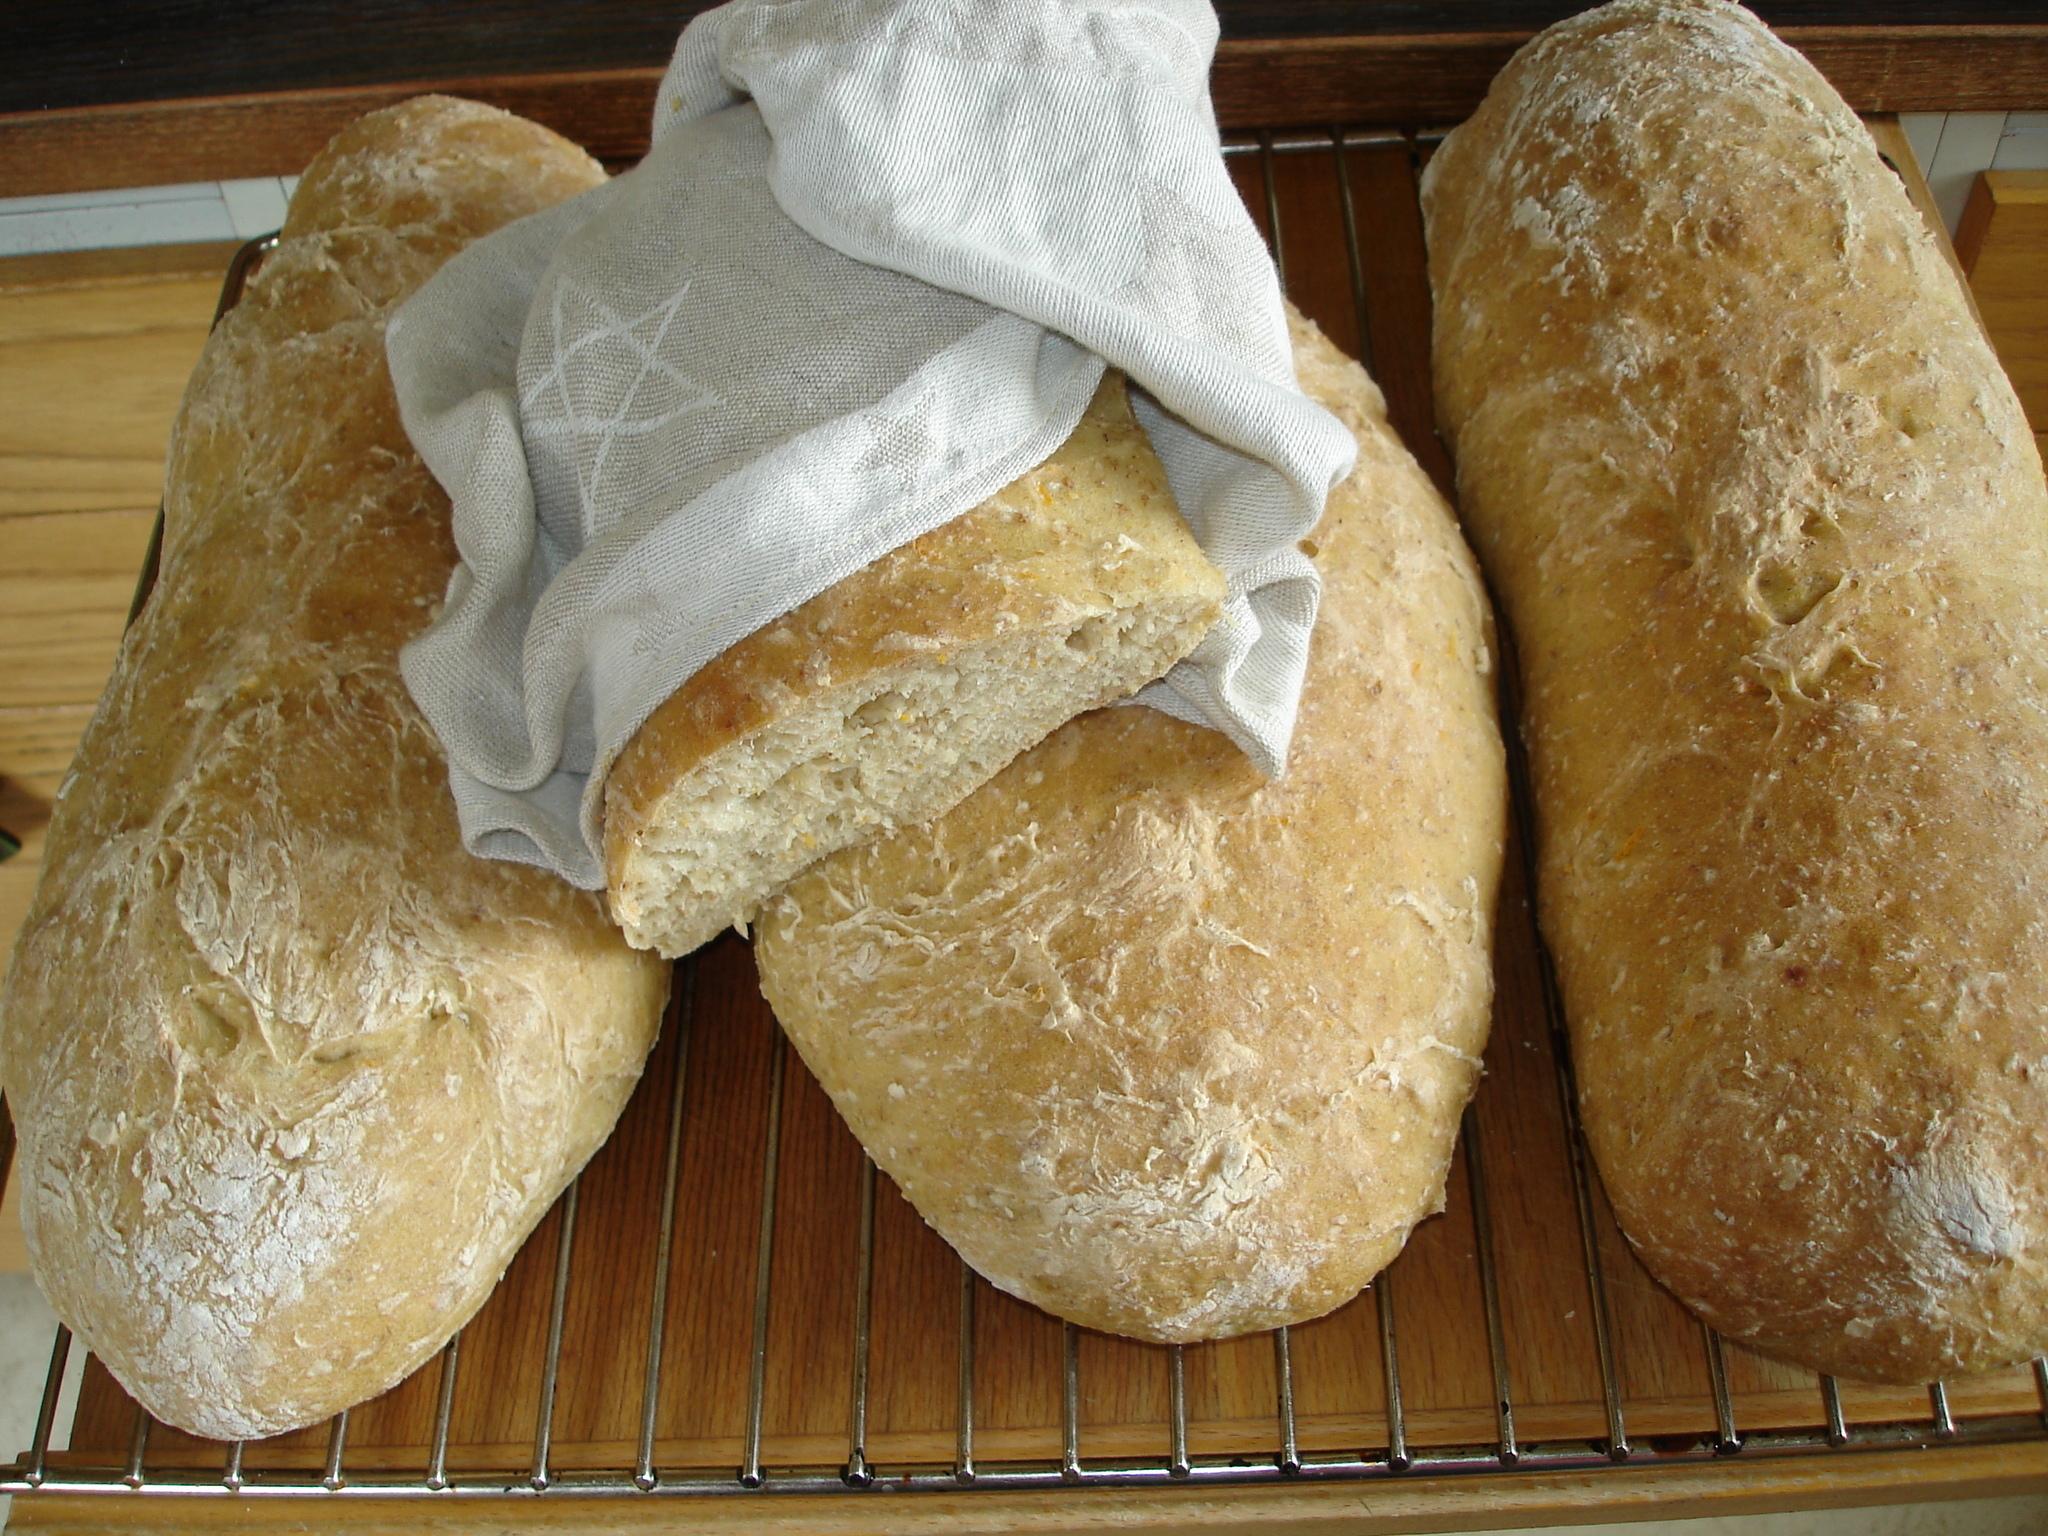 Källan bröd